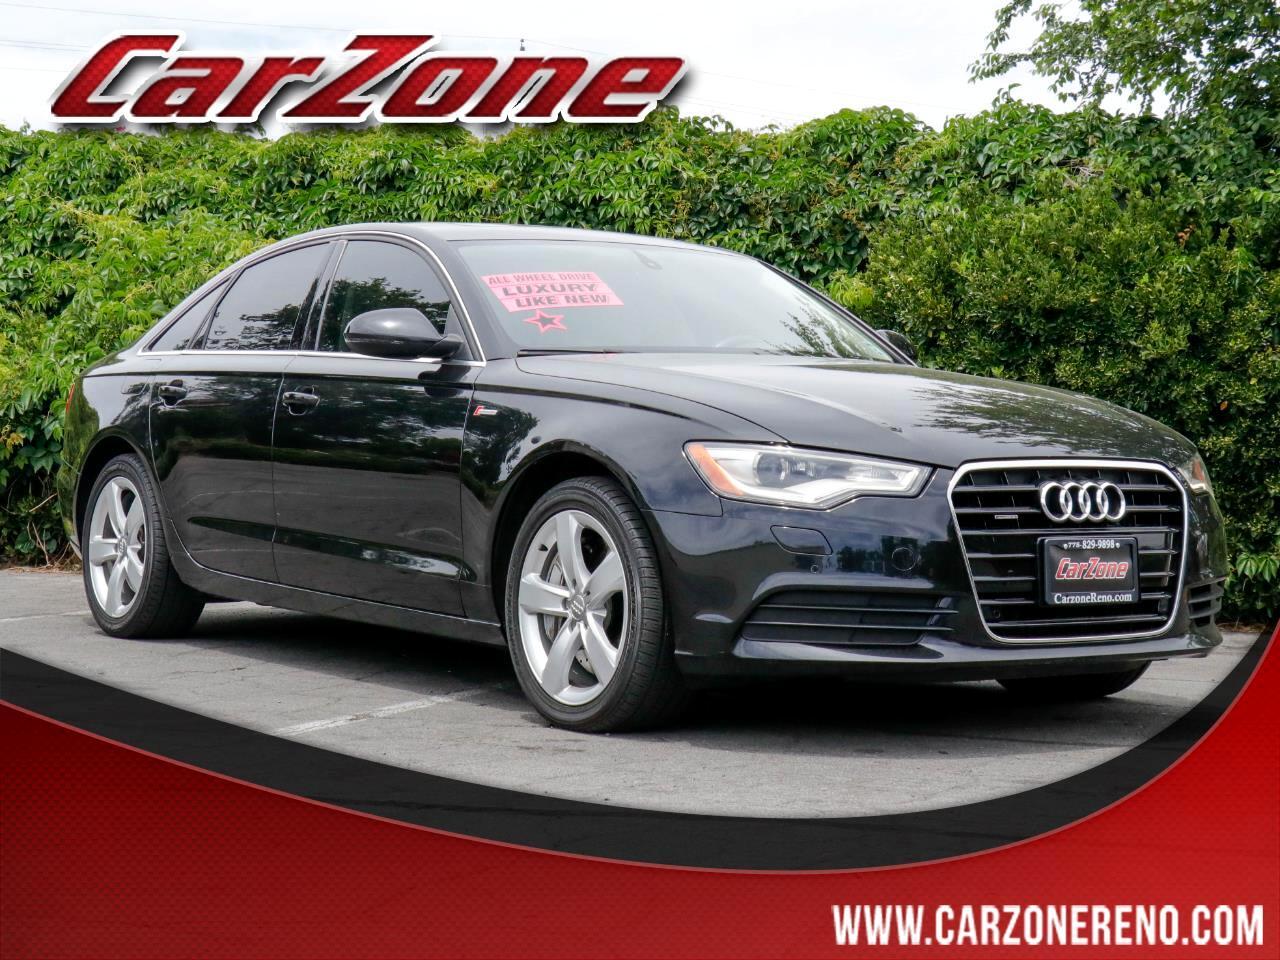 2012 Audi A6 4dr Sdn quattro 3.0T Premium Plus